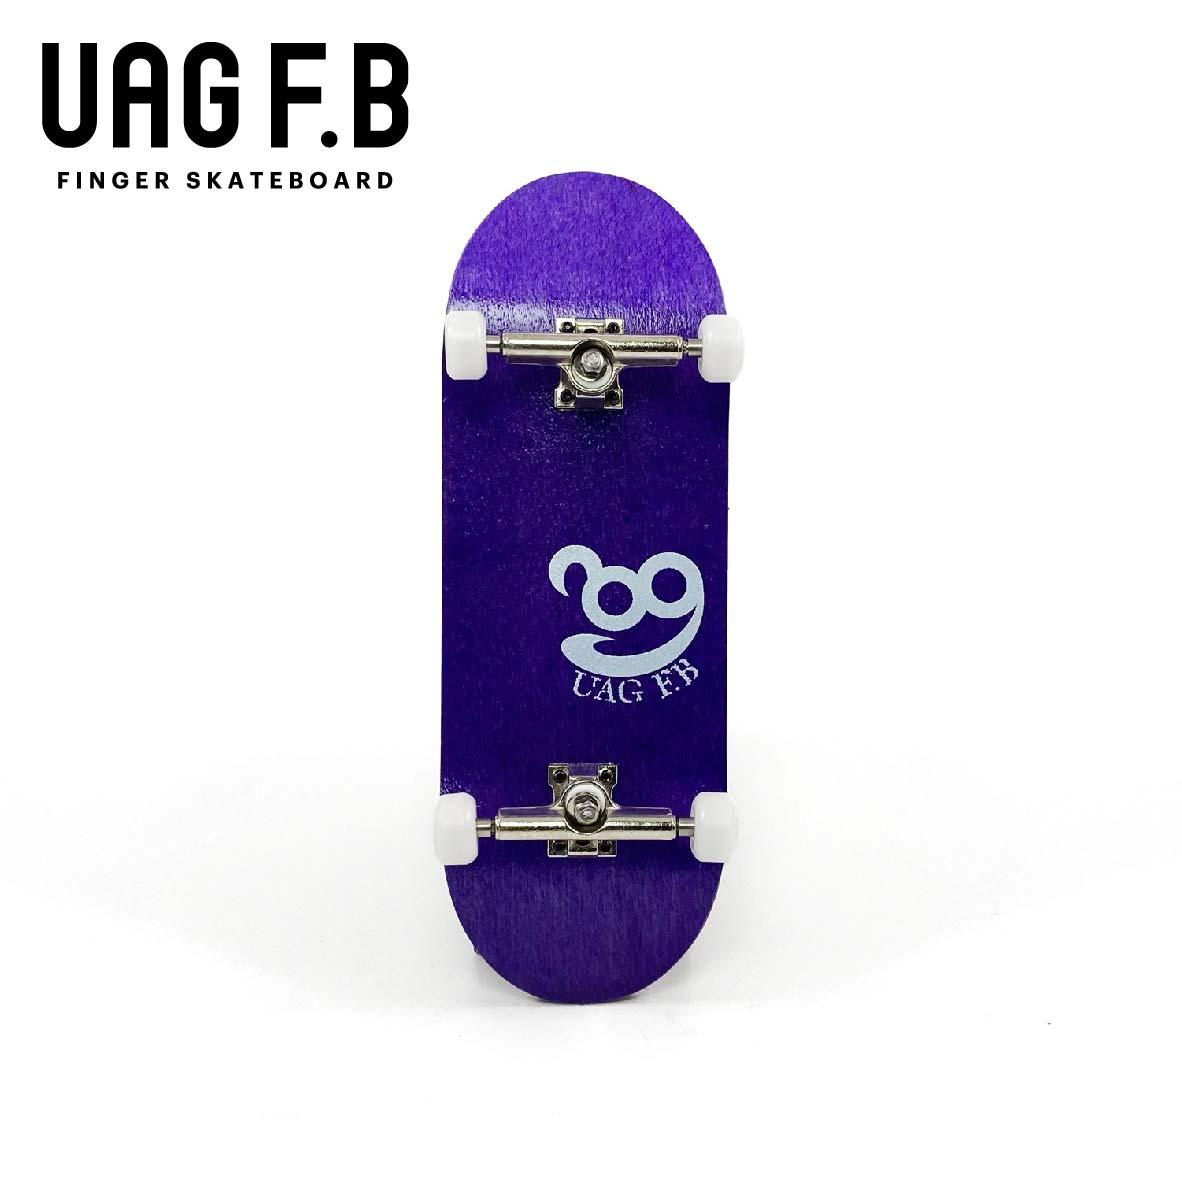 専門店 これから始めたい方にオススメ 価格とクオリティーにこだわったUAG F.Bの定番モデル UAG 上質 F.B 《UAG コンプリート》 Simple 指スケ ver- -slim skate finger board 紫